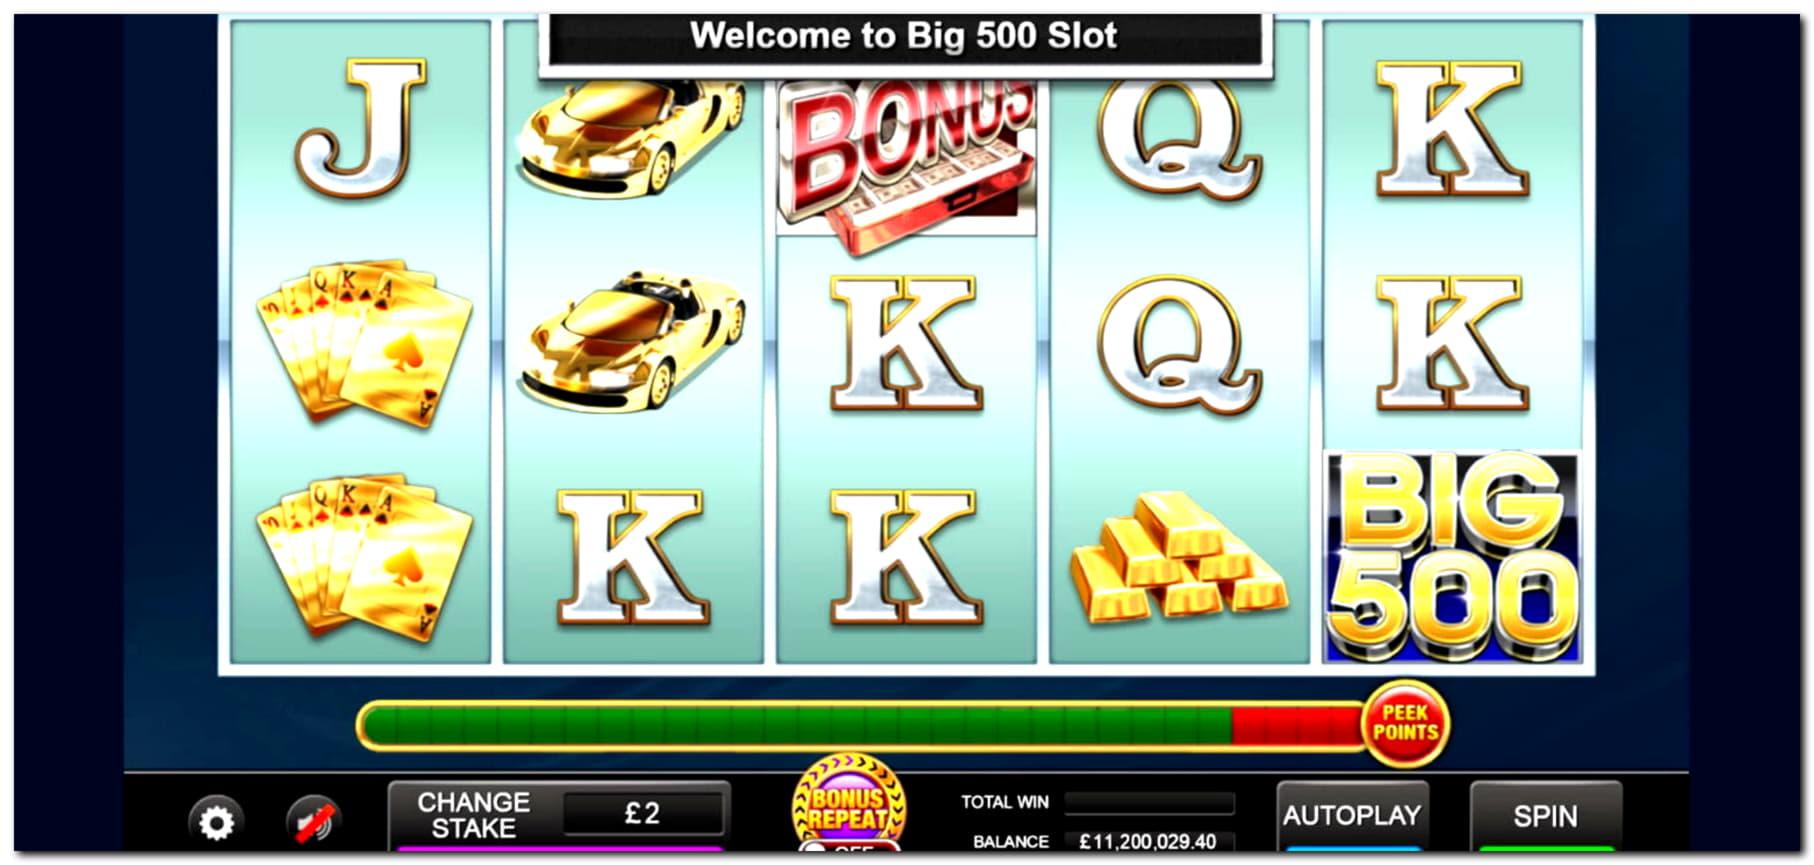 € Tournoi 475 au BGO Casino